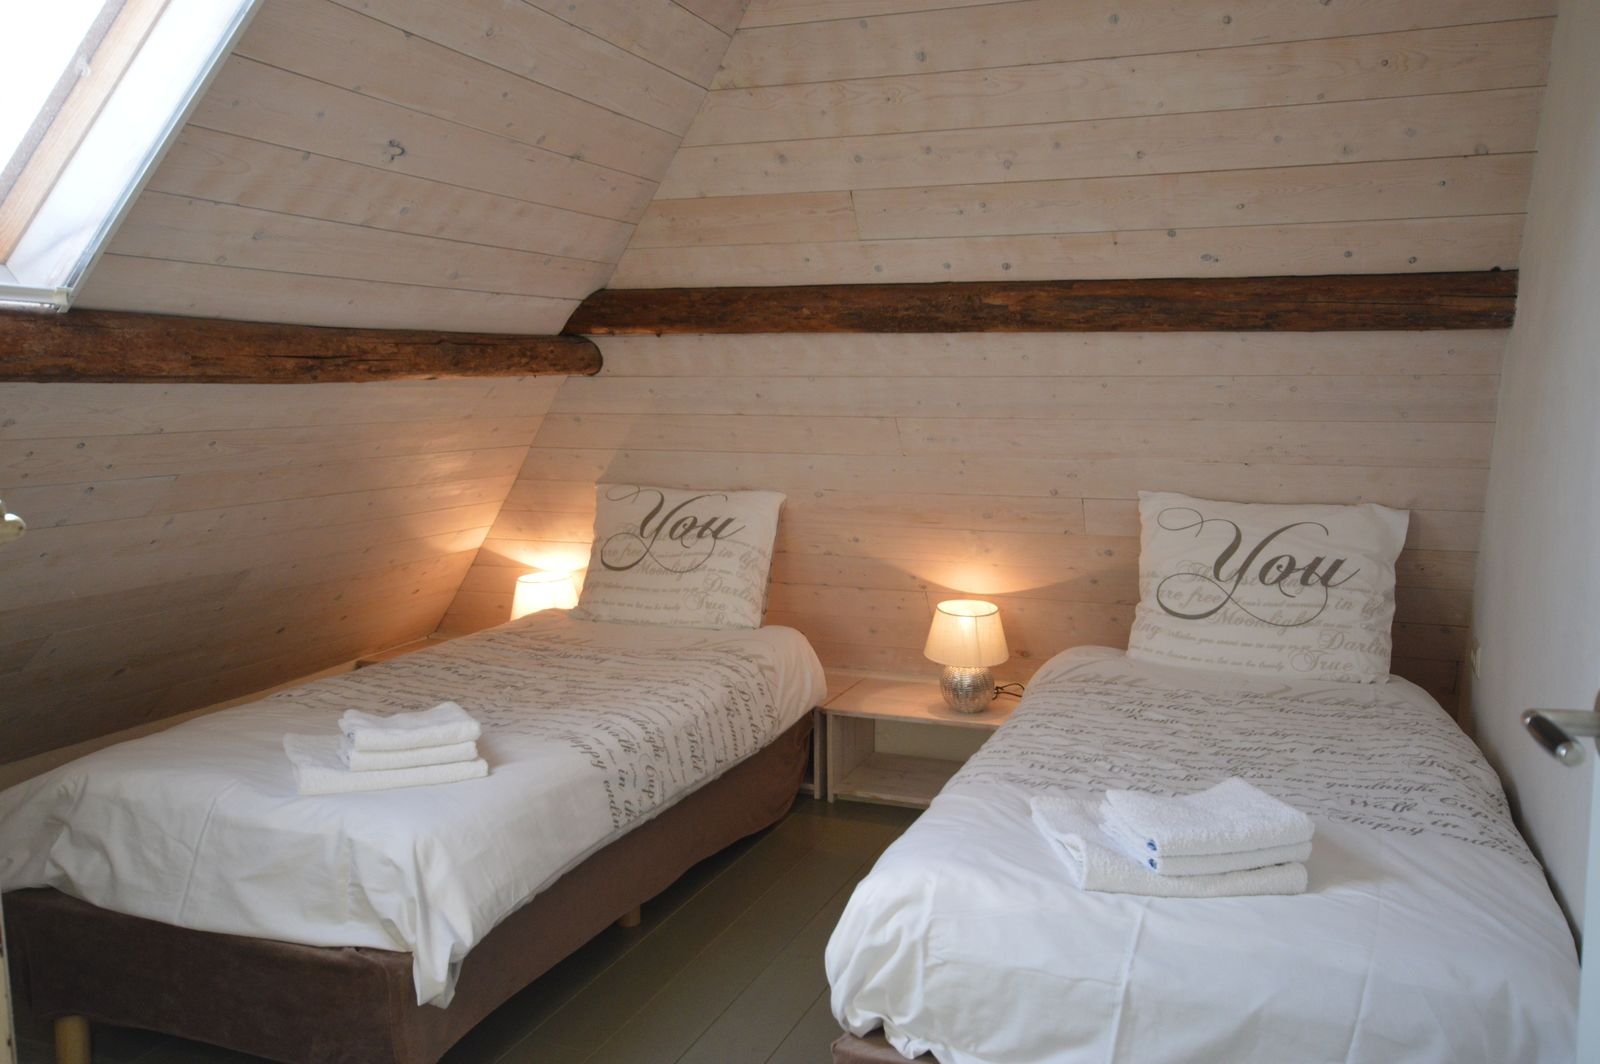 Afbeelding van Ratelpopulier 't Achterhuis - vakantiehuis Gelderland